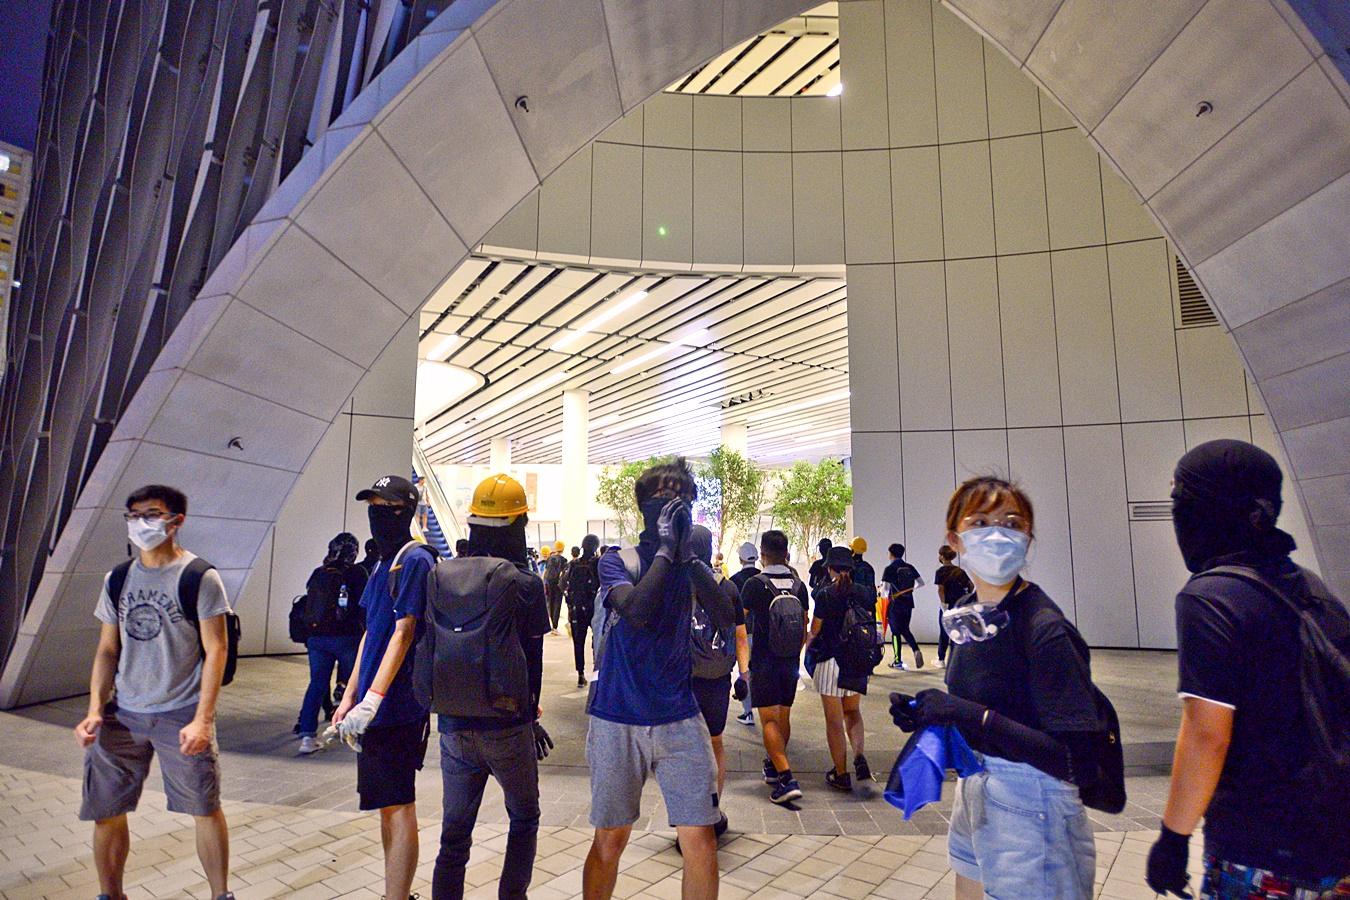 示威活动影响 西九19场表演改期或取消